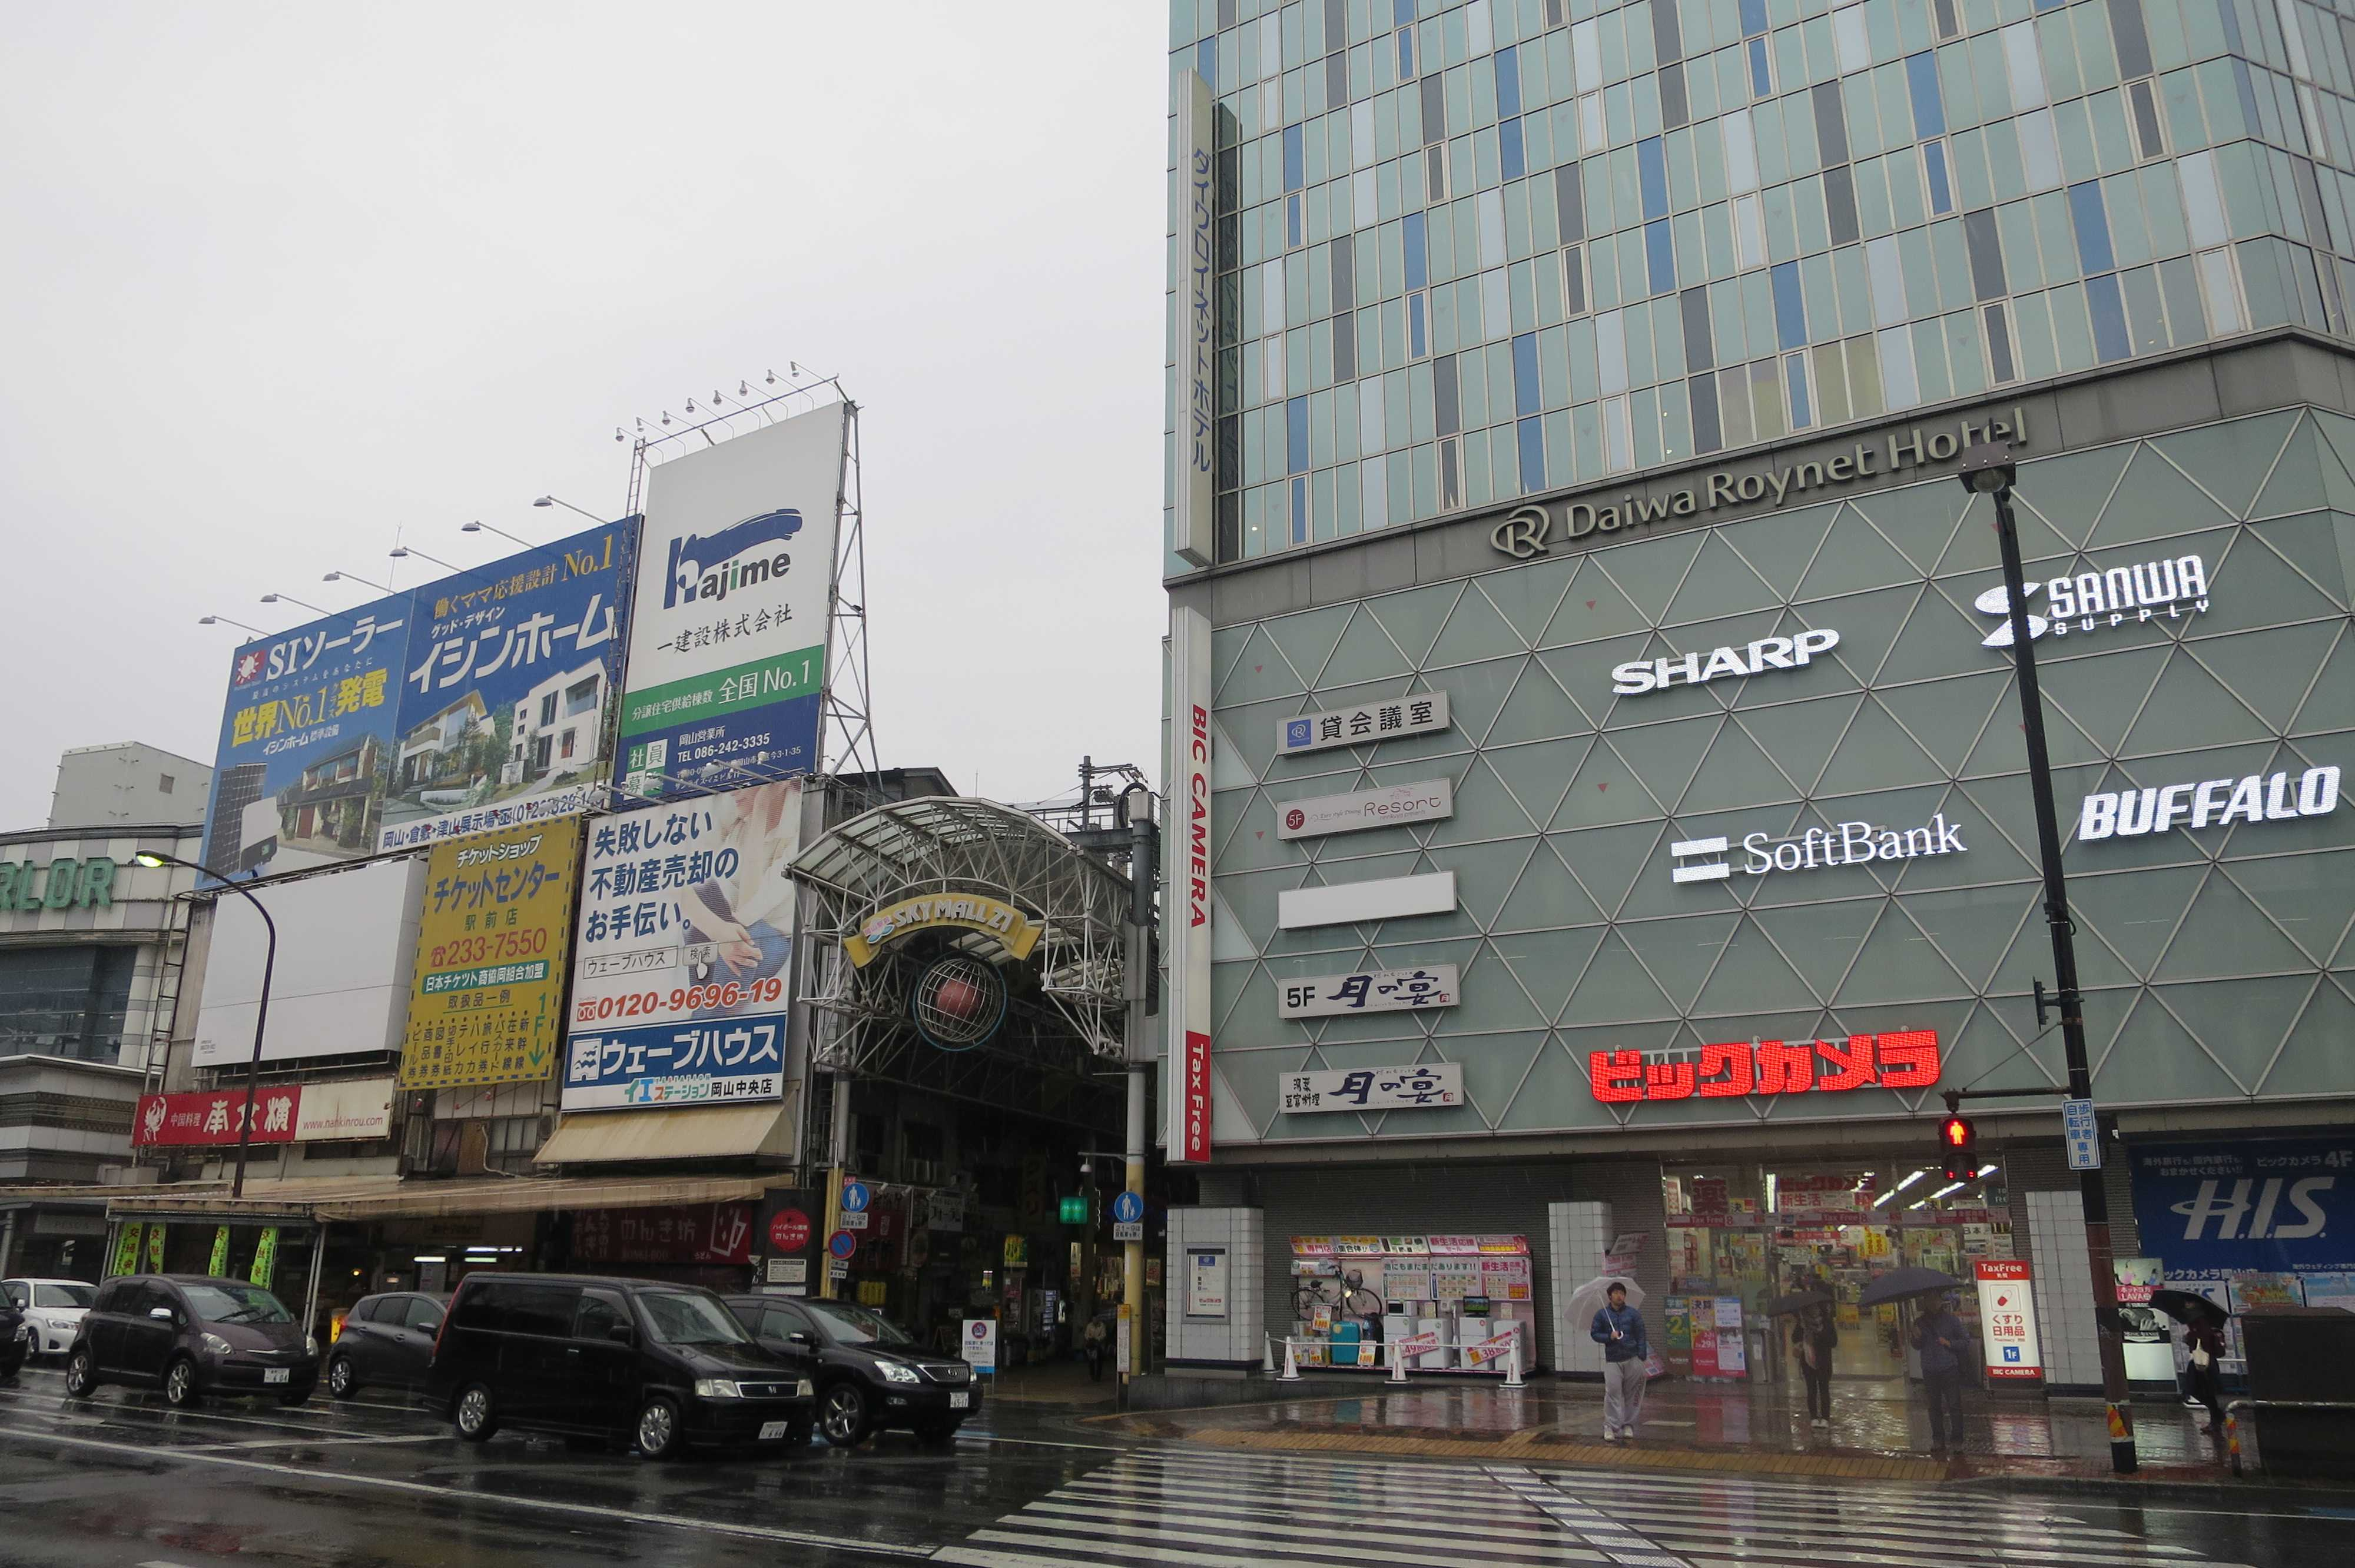 岡山駅前商店街(SKY MALL 21)と ビックカメラ岡山駅前店